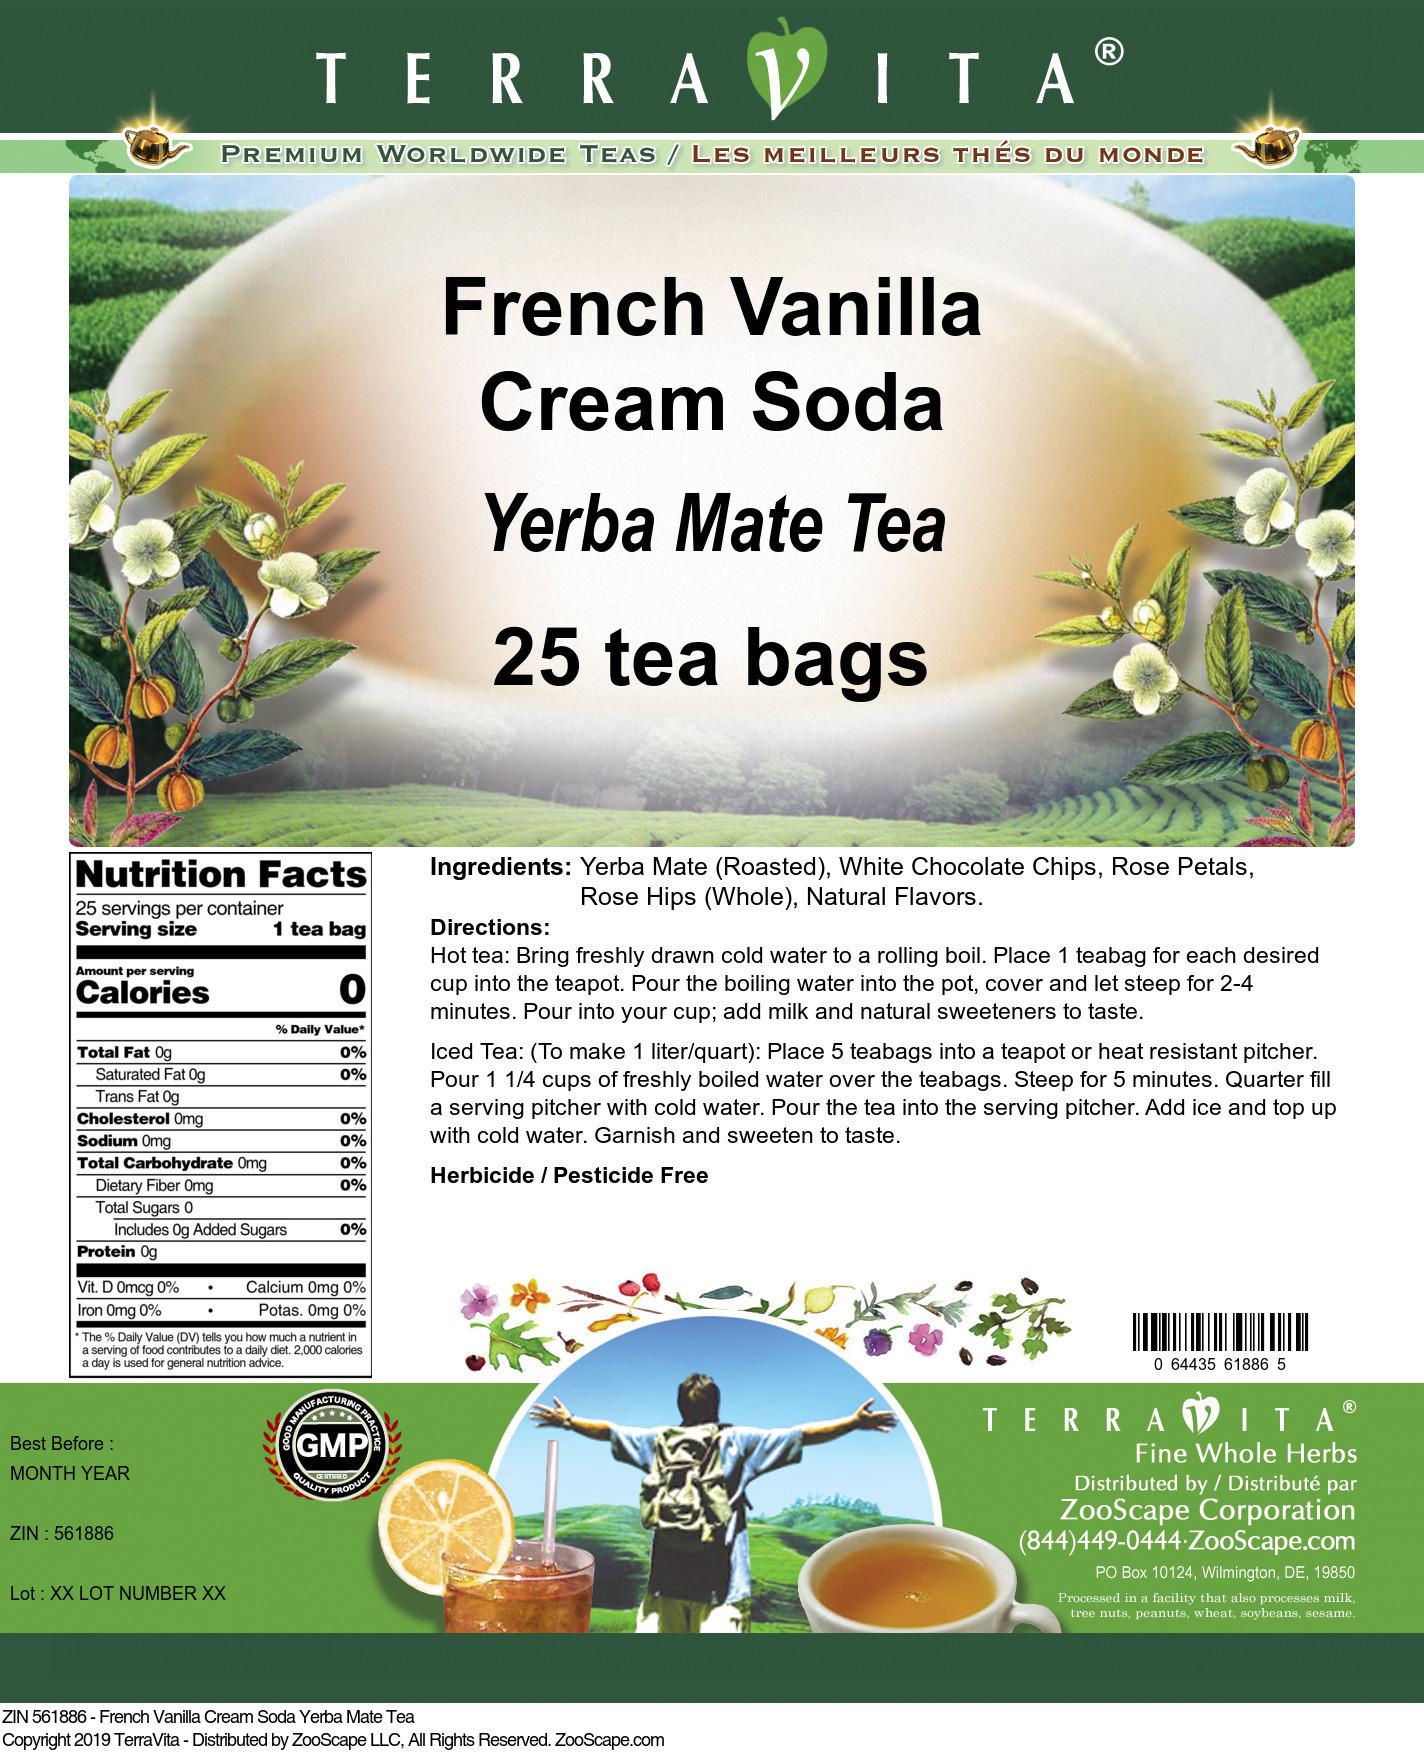 French Vanilla Cream Soda Yerba Mate